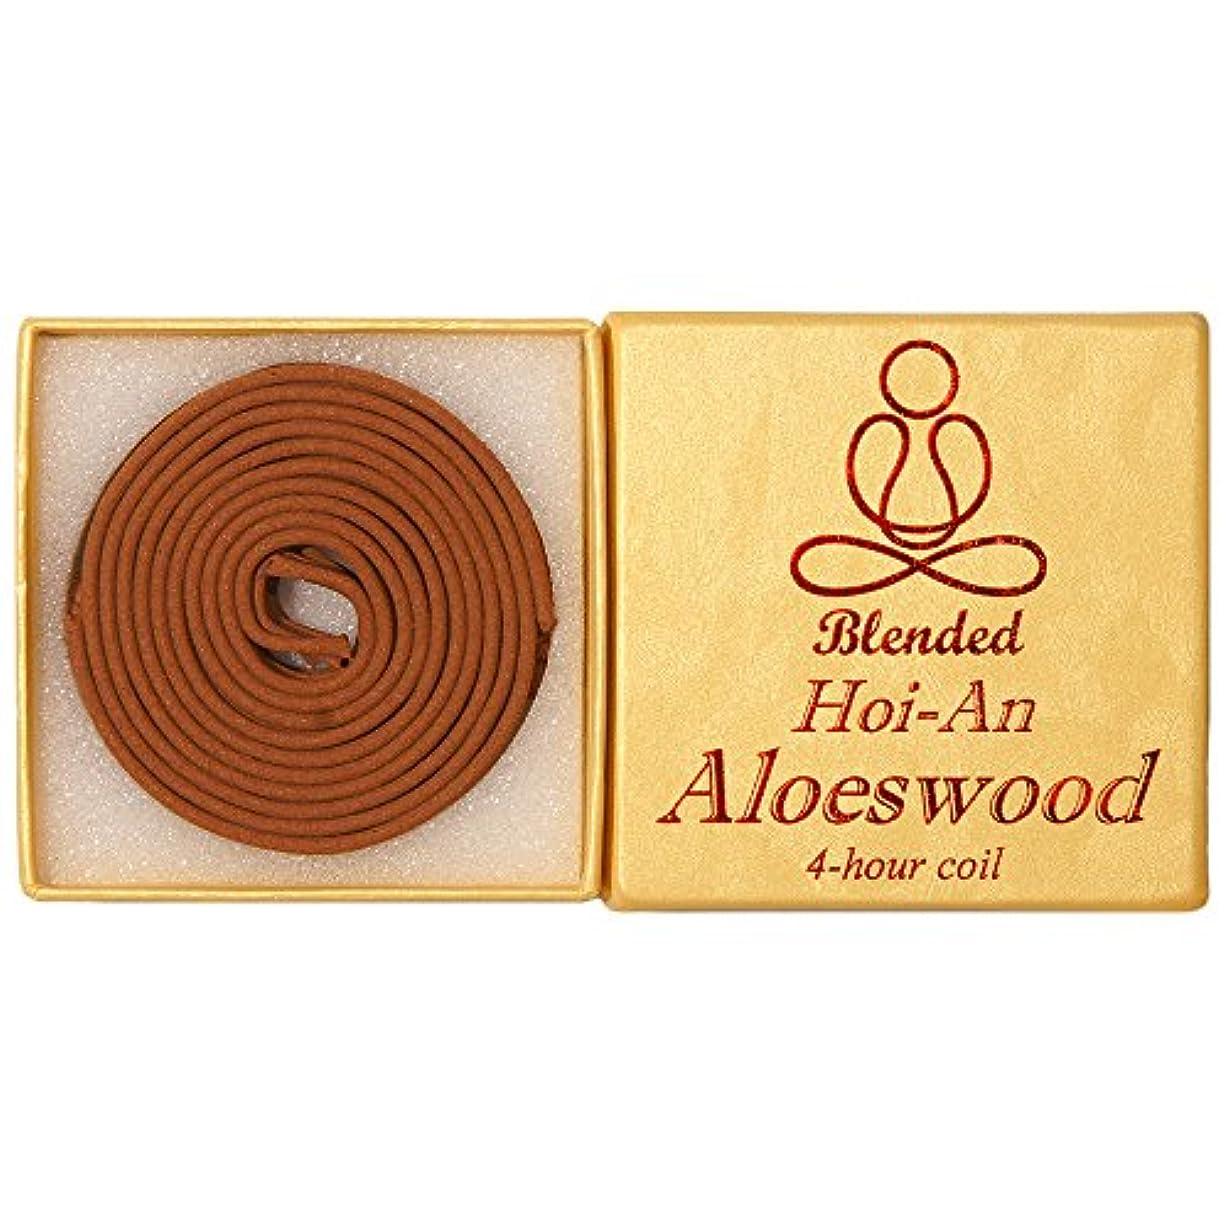 チーフ句読点多様なBlended Hoi-An Aloeswood - 12 pieces 4-hour Coil - 100% natural - GHC152T